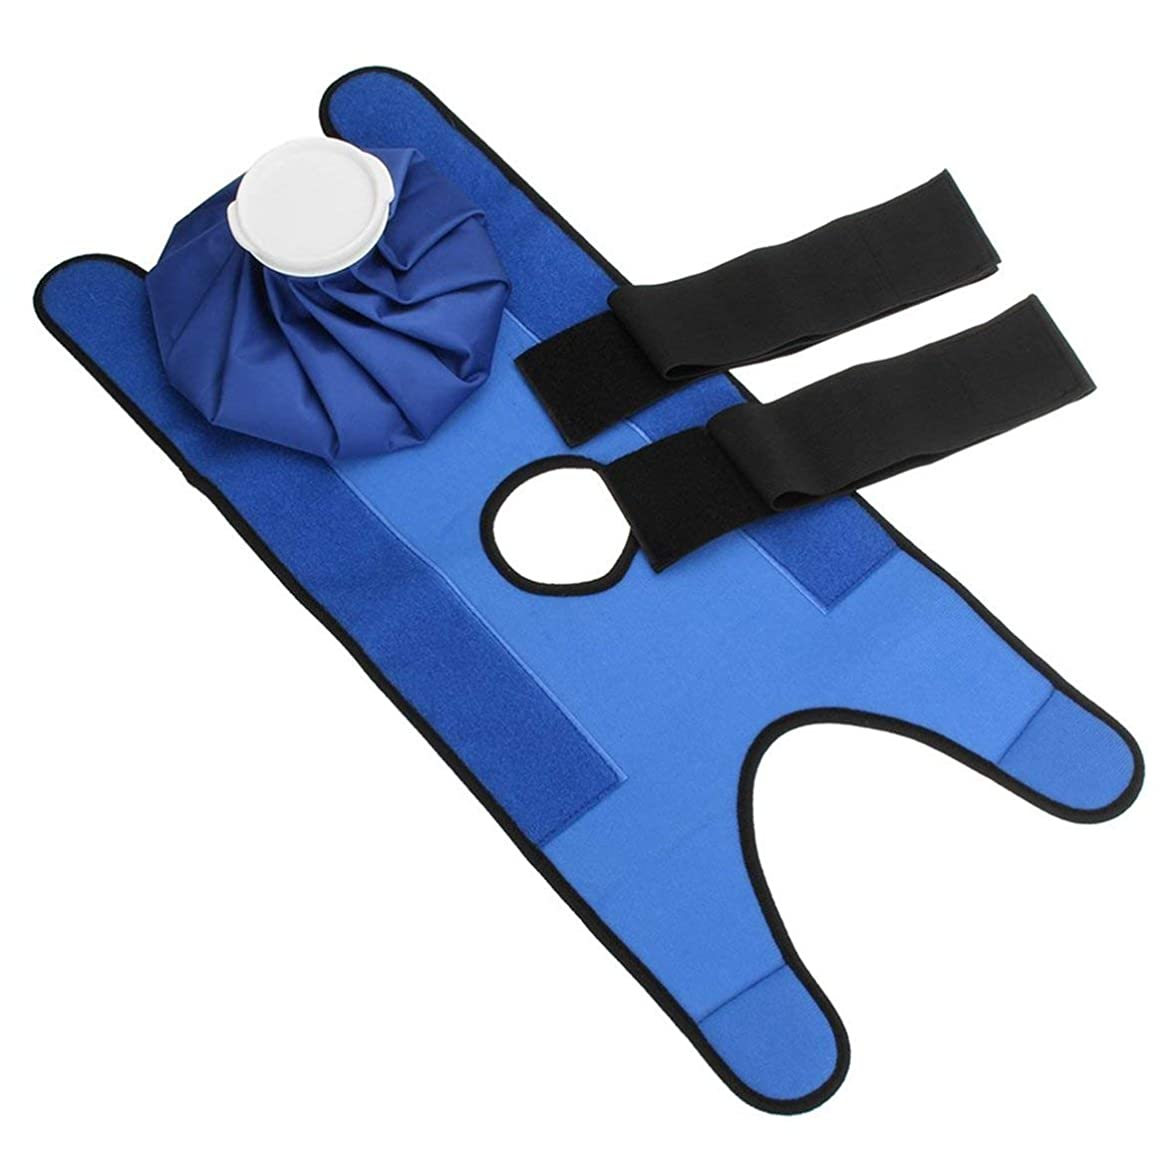 スーダン表示社会学Blackfell 小型サイズの再使用可能なヘルスケアの膝の頭部の足の筋肉スポーツ傷害の軽減の痛みのアイスバッグ包帯が付いている無毒なアイスパック